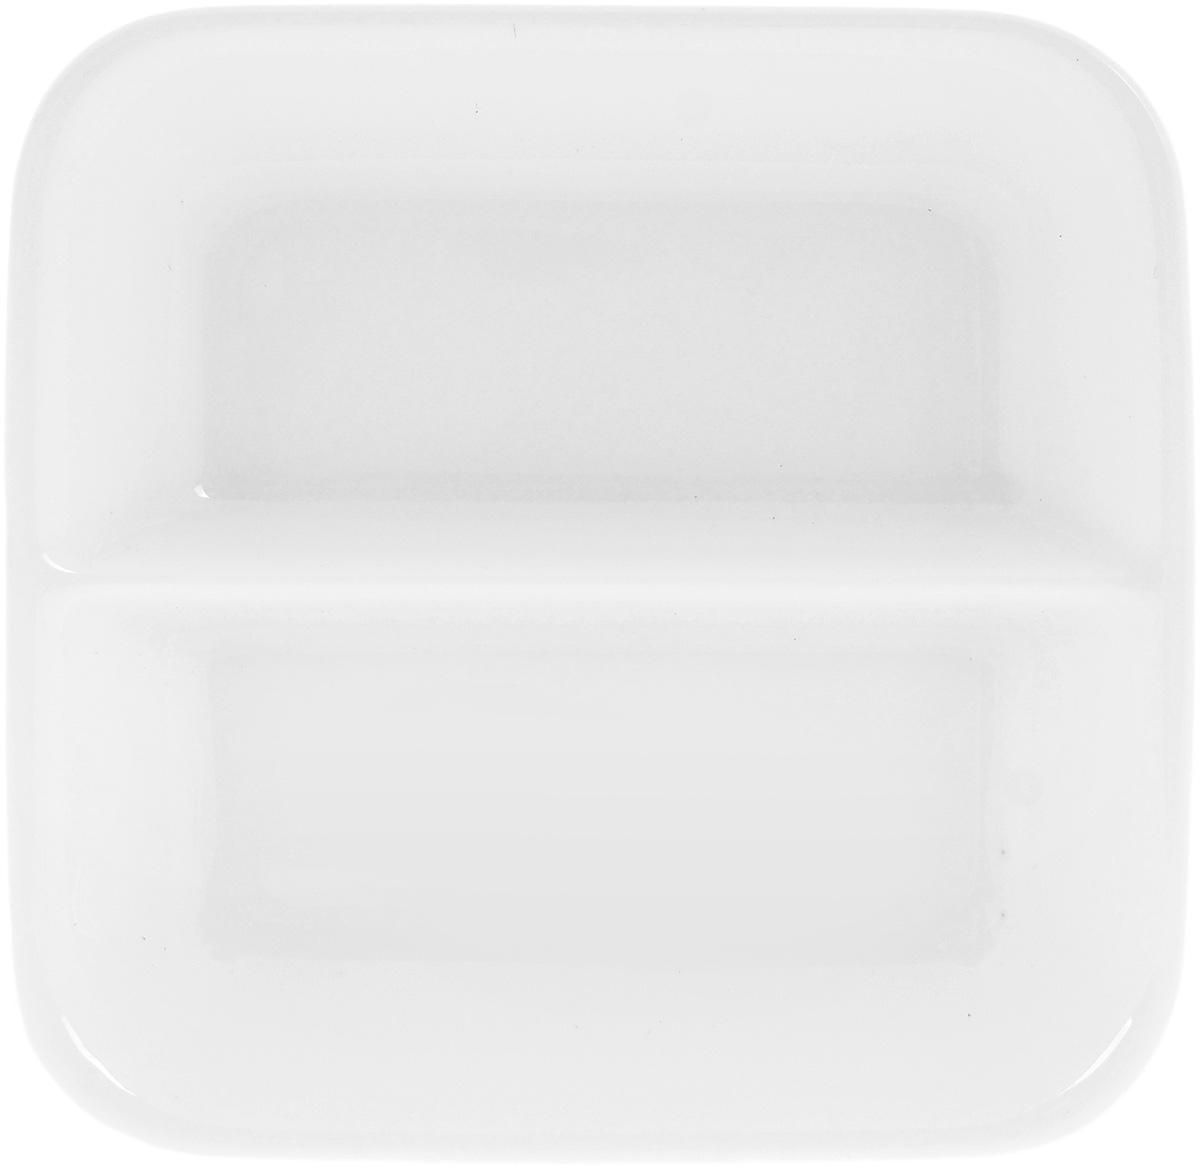 Блюдце для соуса Wilmax, двойное, 55 млWL-996050 / AБлюдце Wilmax, изготовленное из высококачественного фарфора с глазурованным покрытием, предназначено для красивой подачи различных соусов. Посуда из фарфора безопасна для здоровья и окружающей среды. Такое блюдце украсит сервировку стола и подчеркнет прекрасный вкус хозяйки. Оно дополнит коллекцию вашей кухонной посуды и будет служить долгие годы. Размер блюдца: 8,5 х 8,5 см.